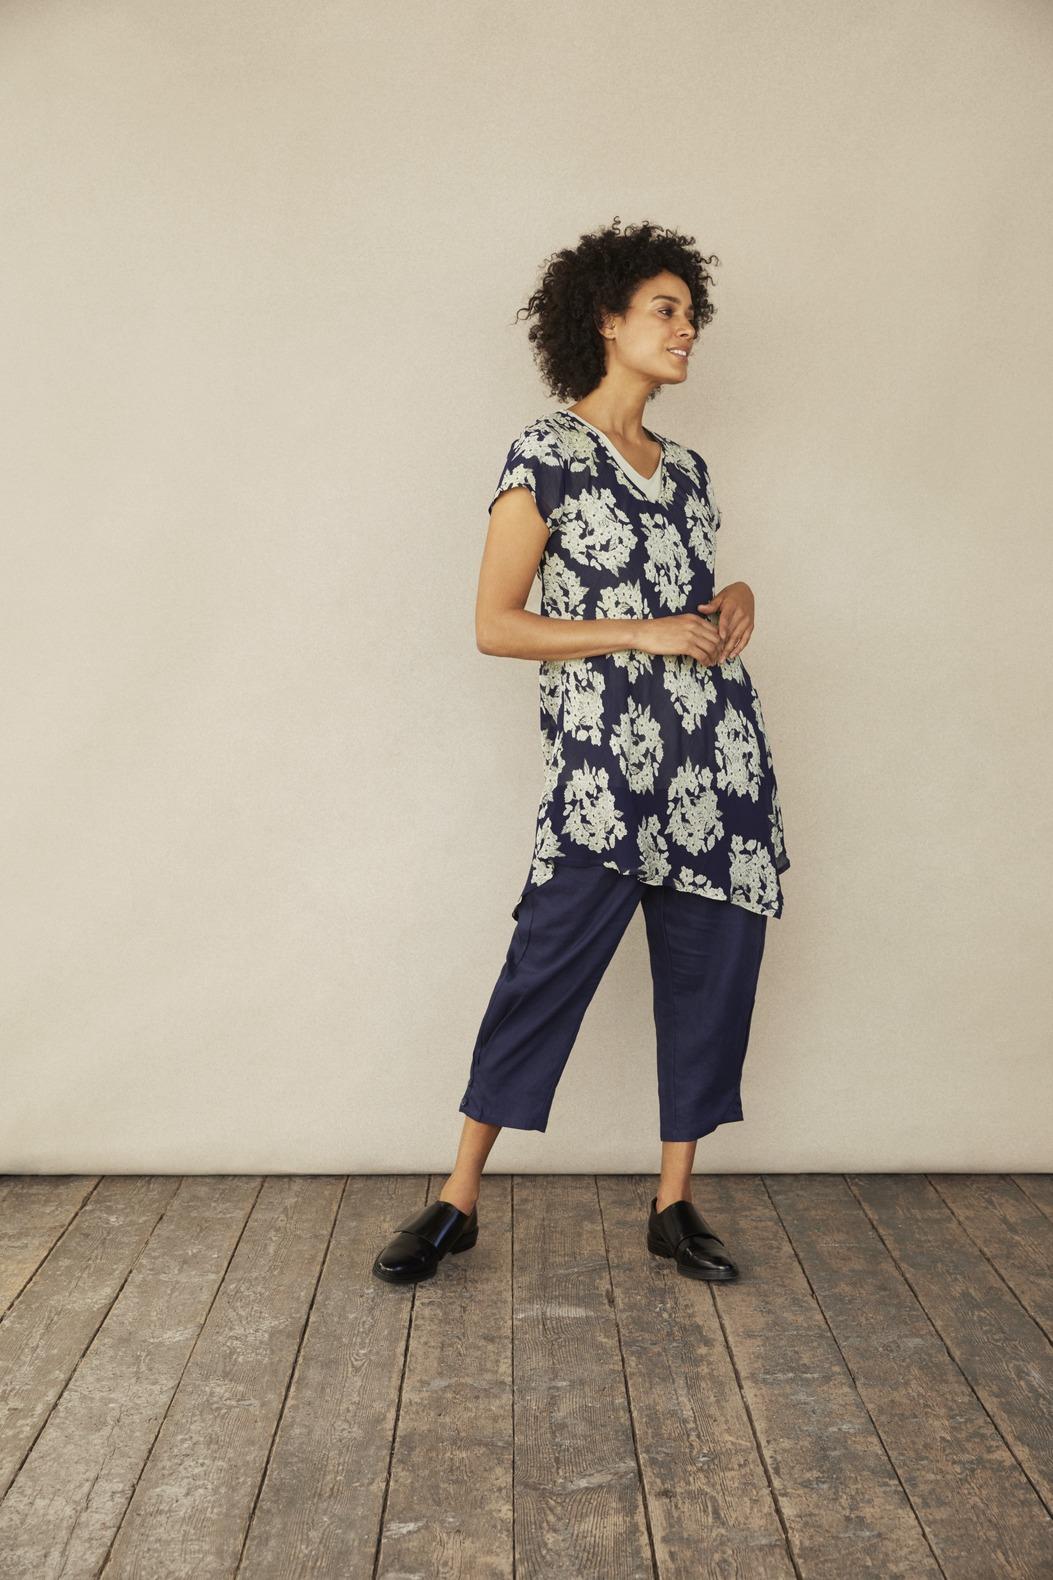 blaue Tunika mit Pastell grünen Blumen von der Modemarke Masai Clothing Company